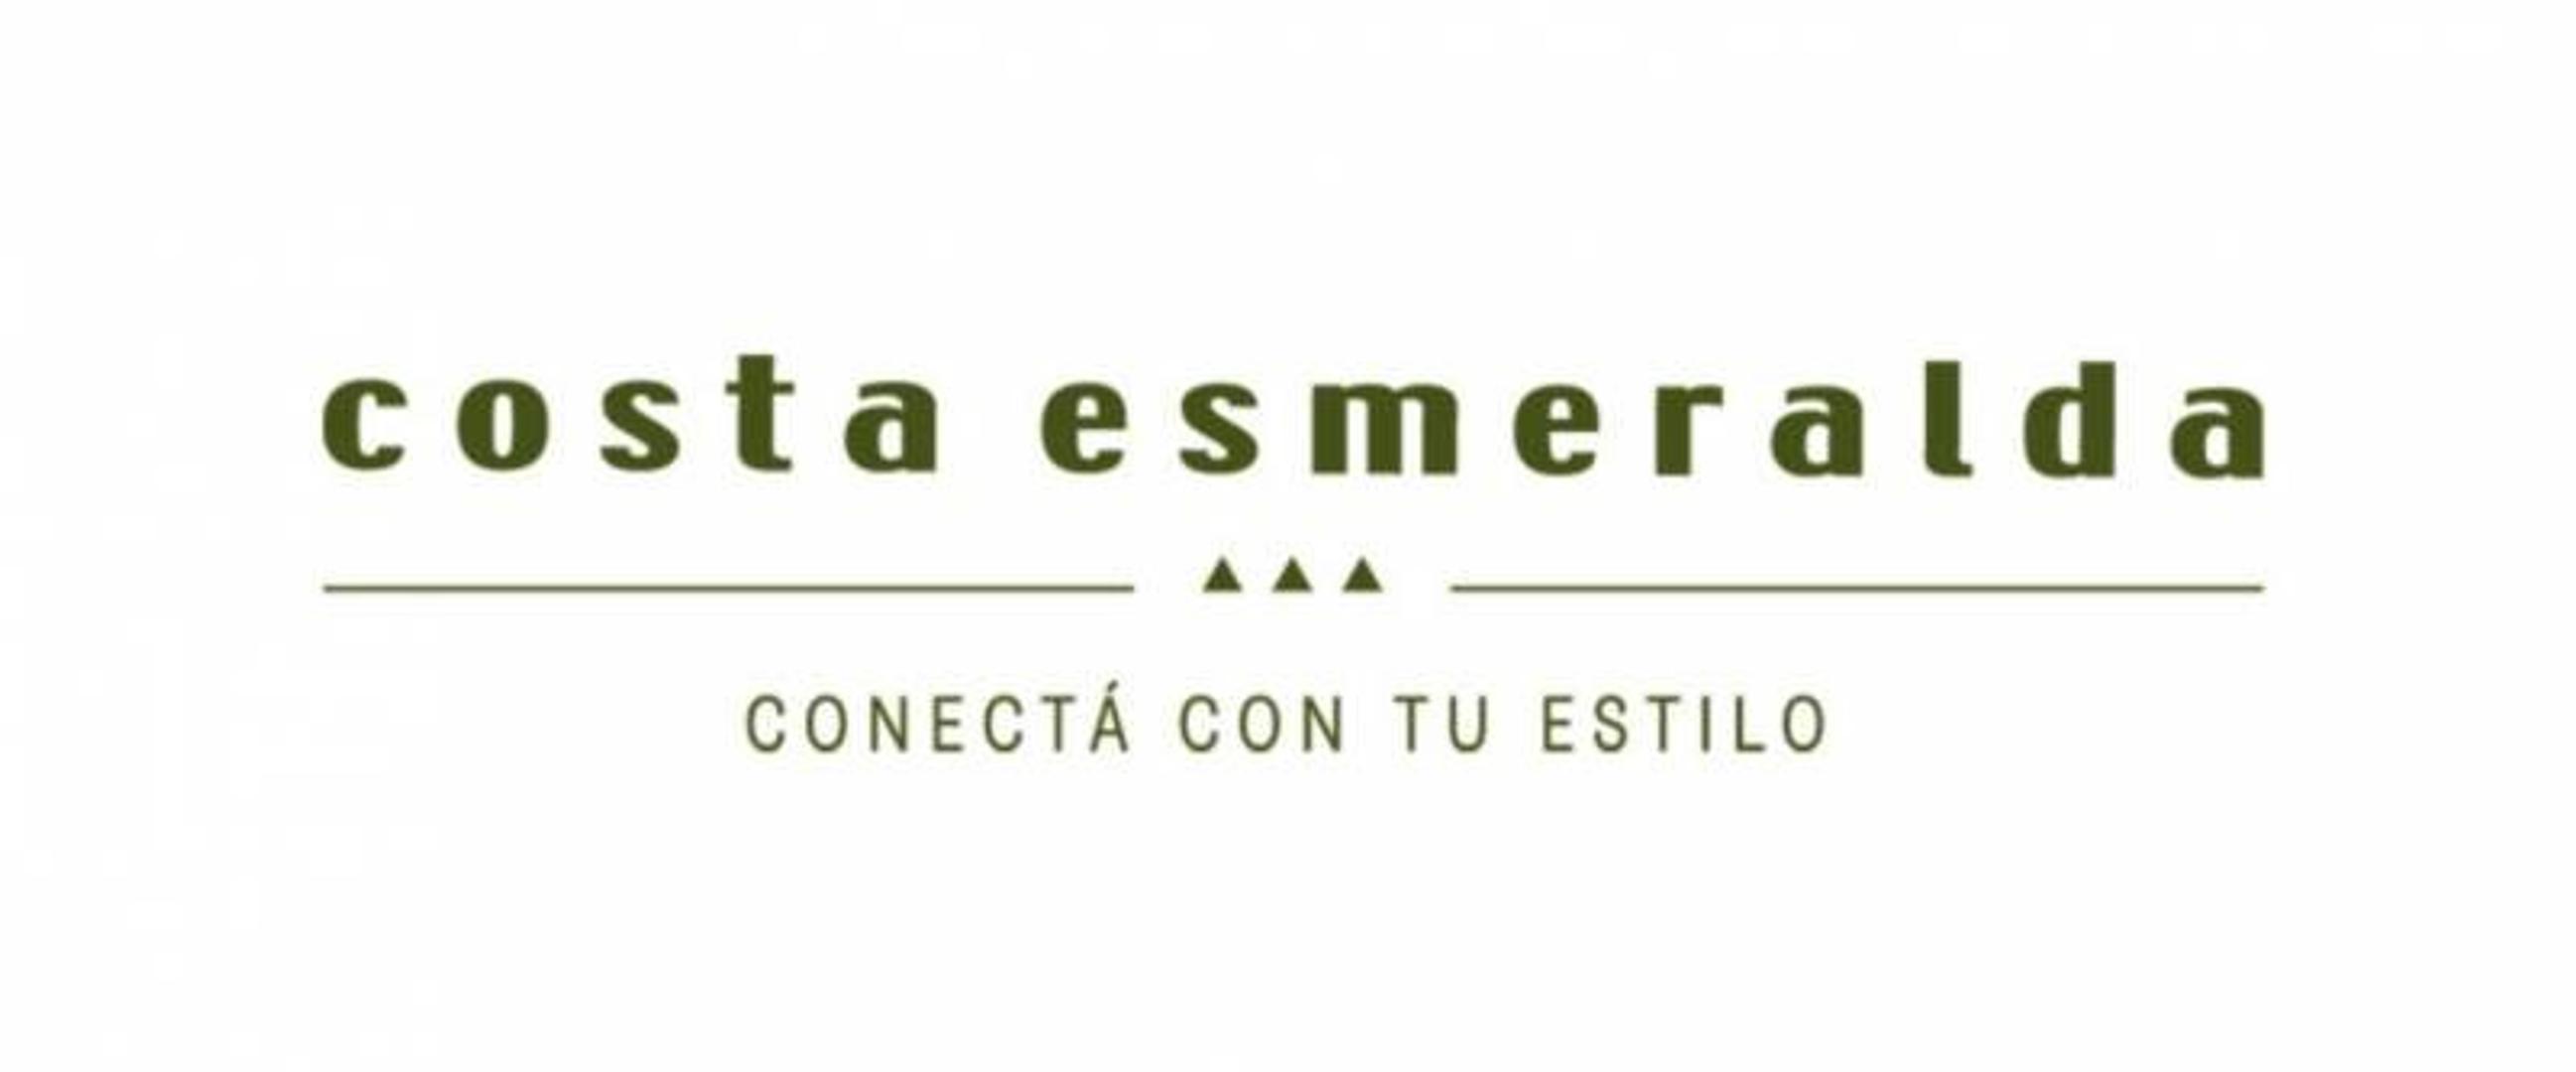 Terreno En Country En Venta, Barrio Cerrado Costa Esmeralda, Pinamar